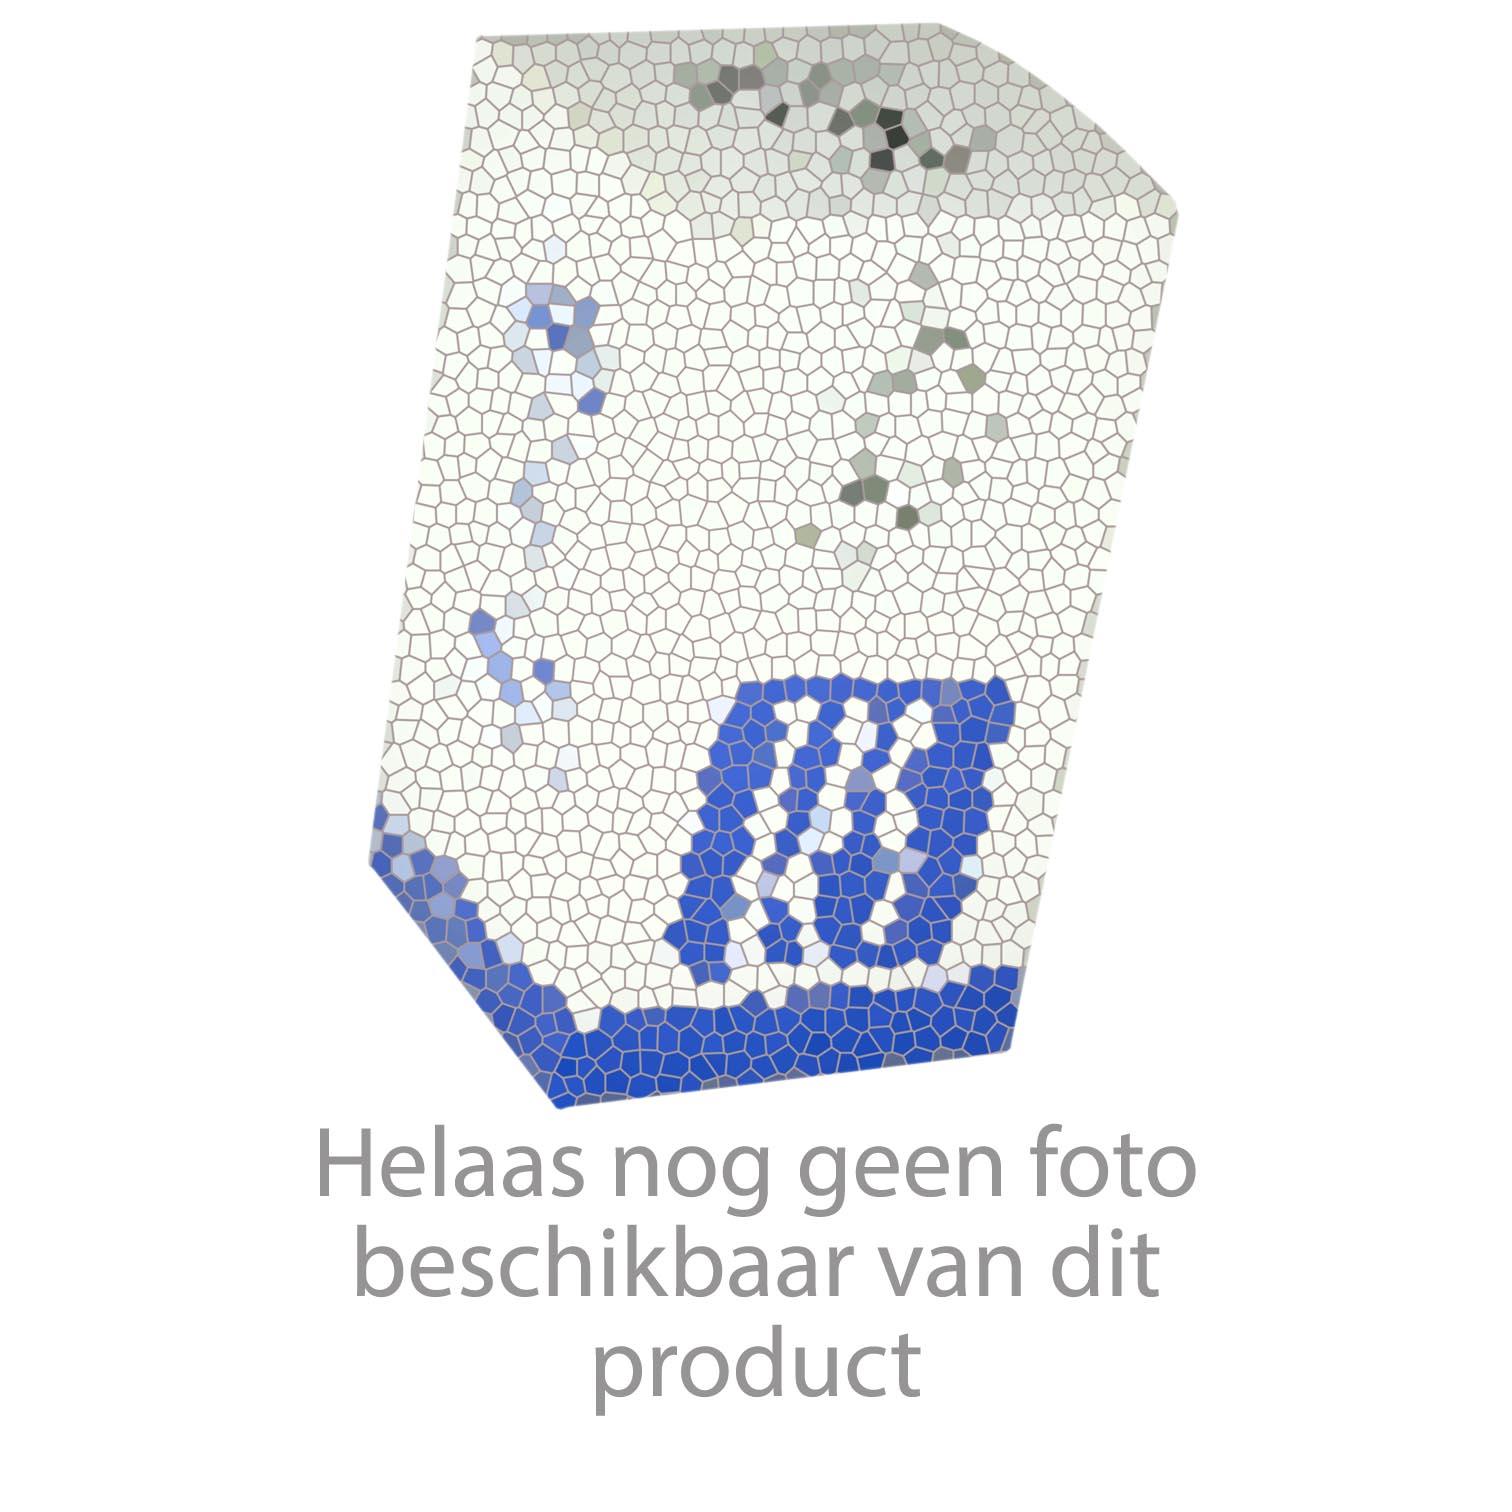 VSH wasmachinekraan beluchterkraan Luxe Basic met keerklep DA-EB (knop Moyen) 1/2x3/4 Chroom